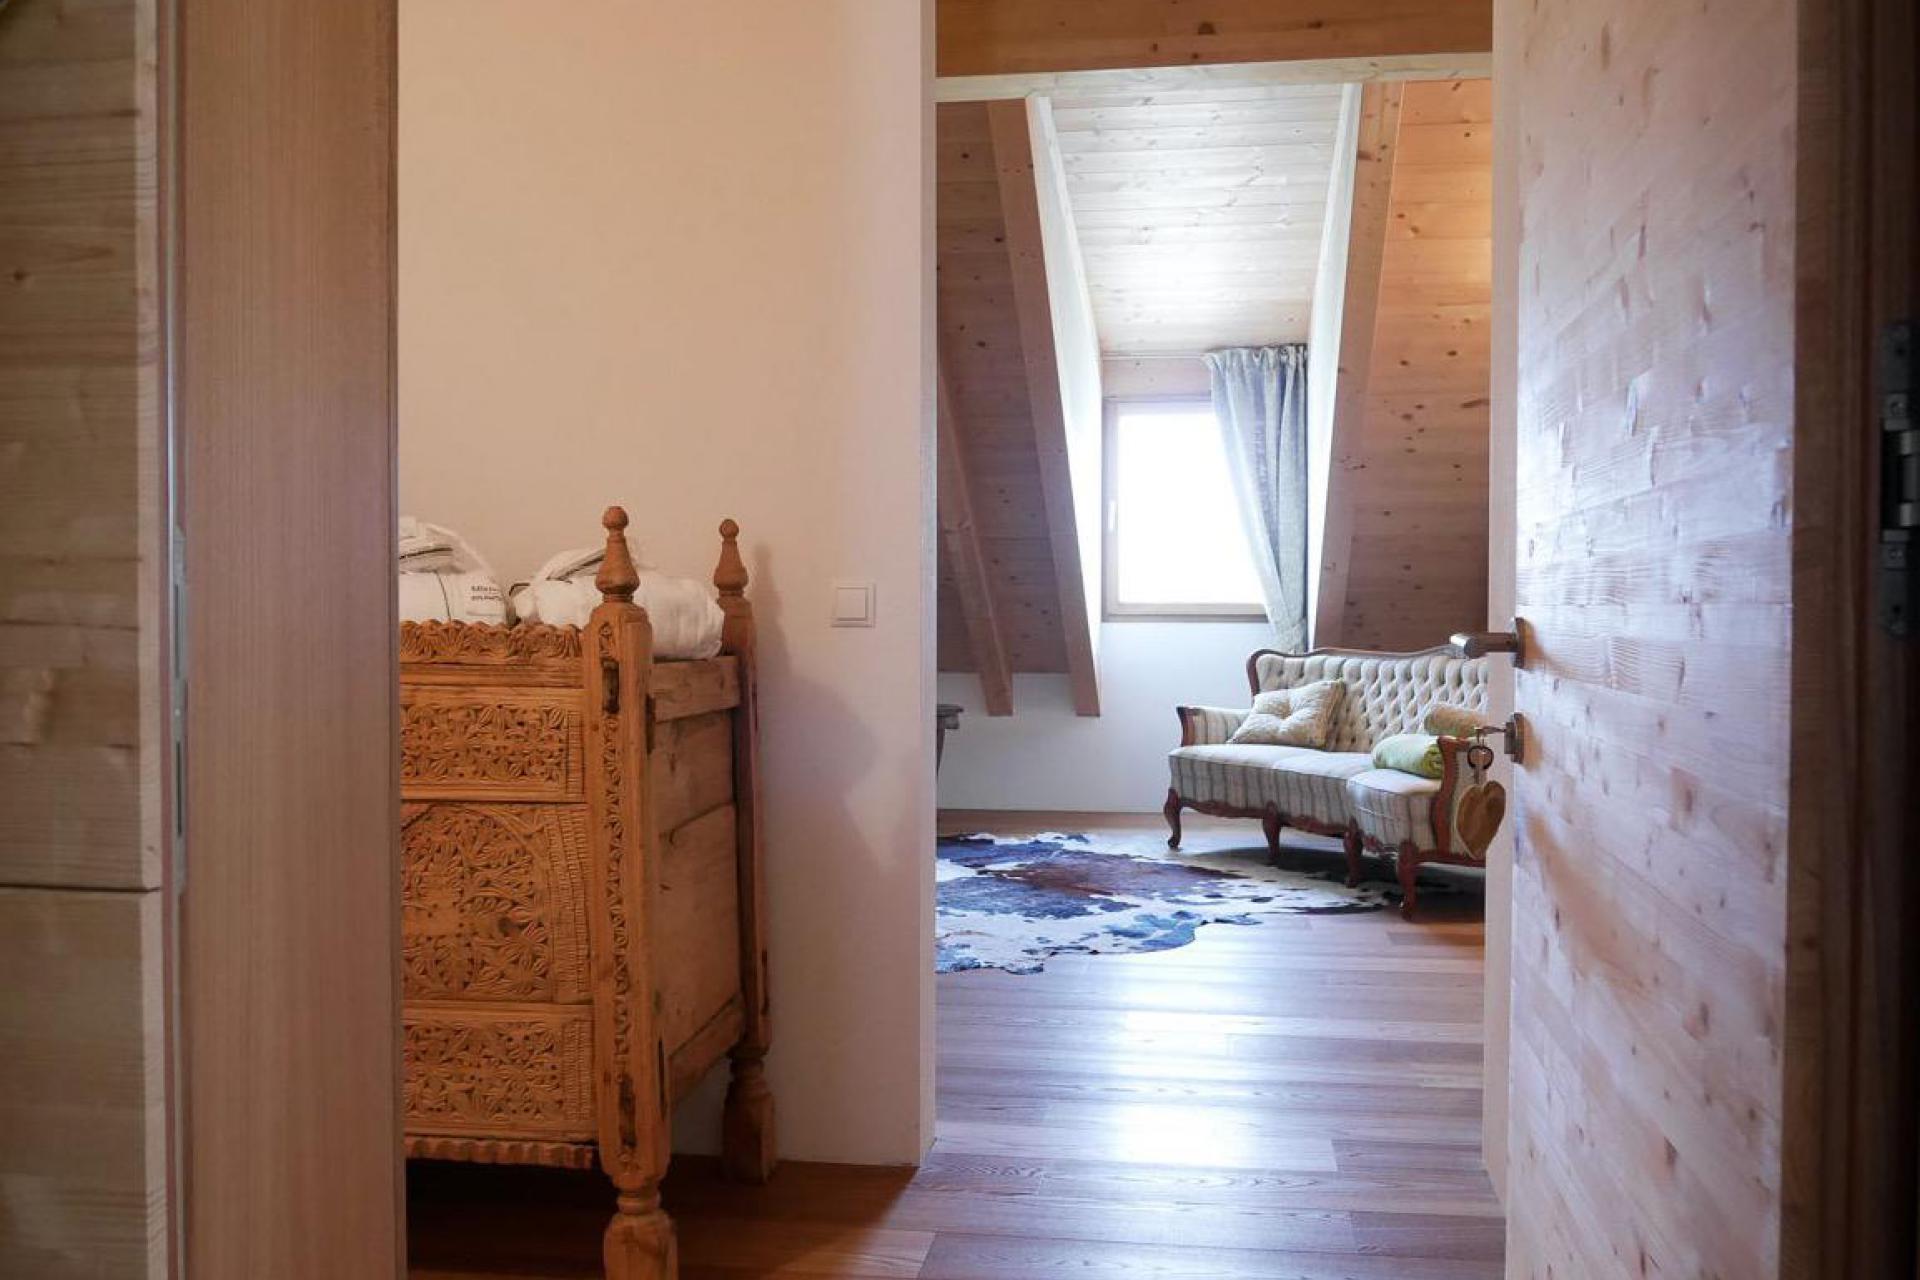 Agriturismo Dolomiten Luxus-Agriturismo mit B&B-Zimmern und Südtiroler Gastlichkeit